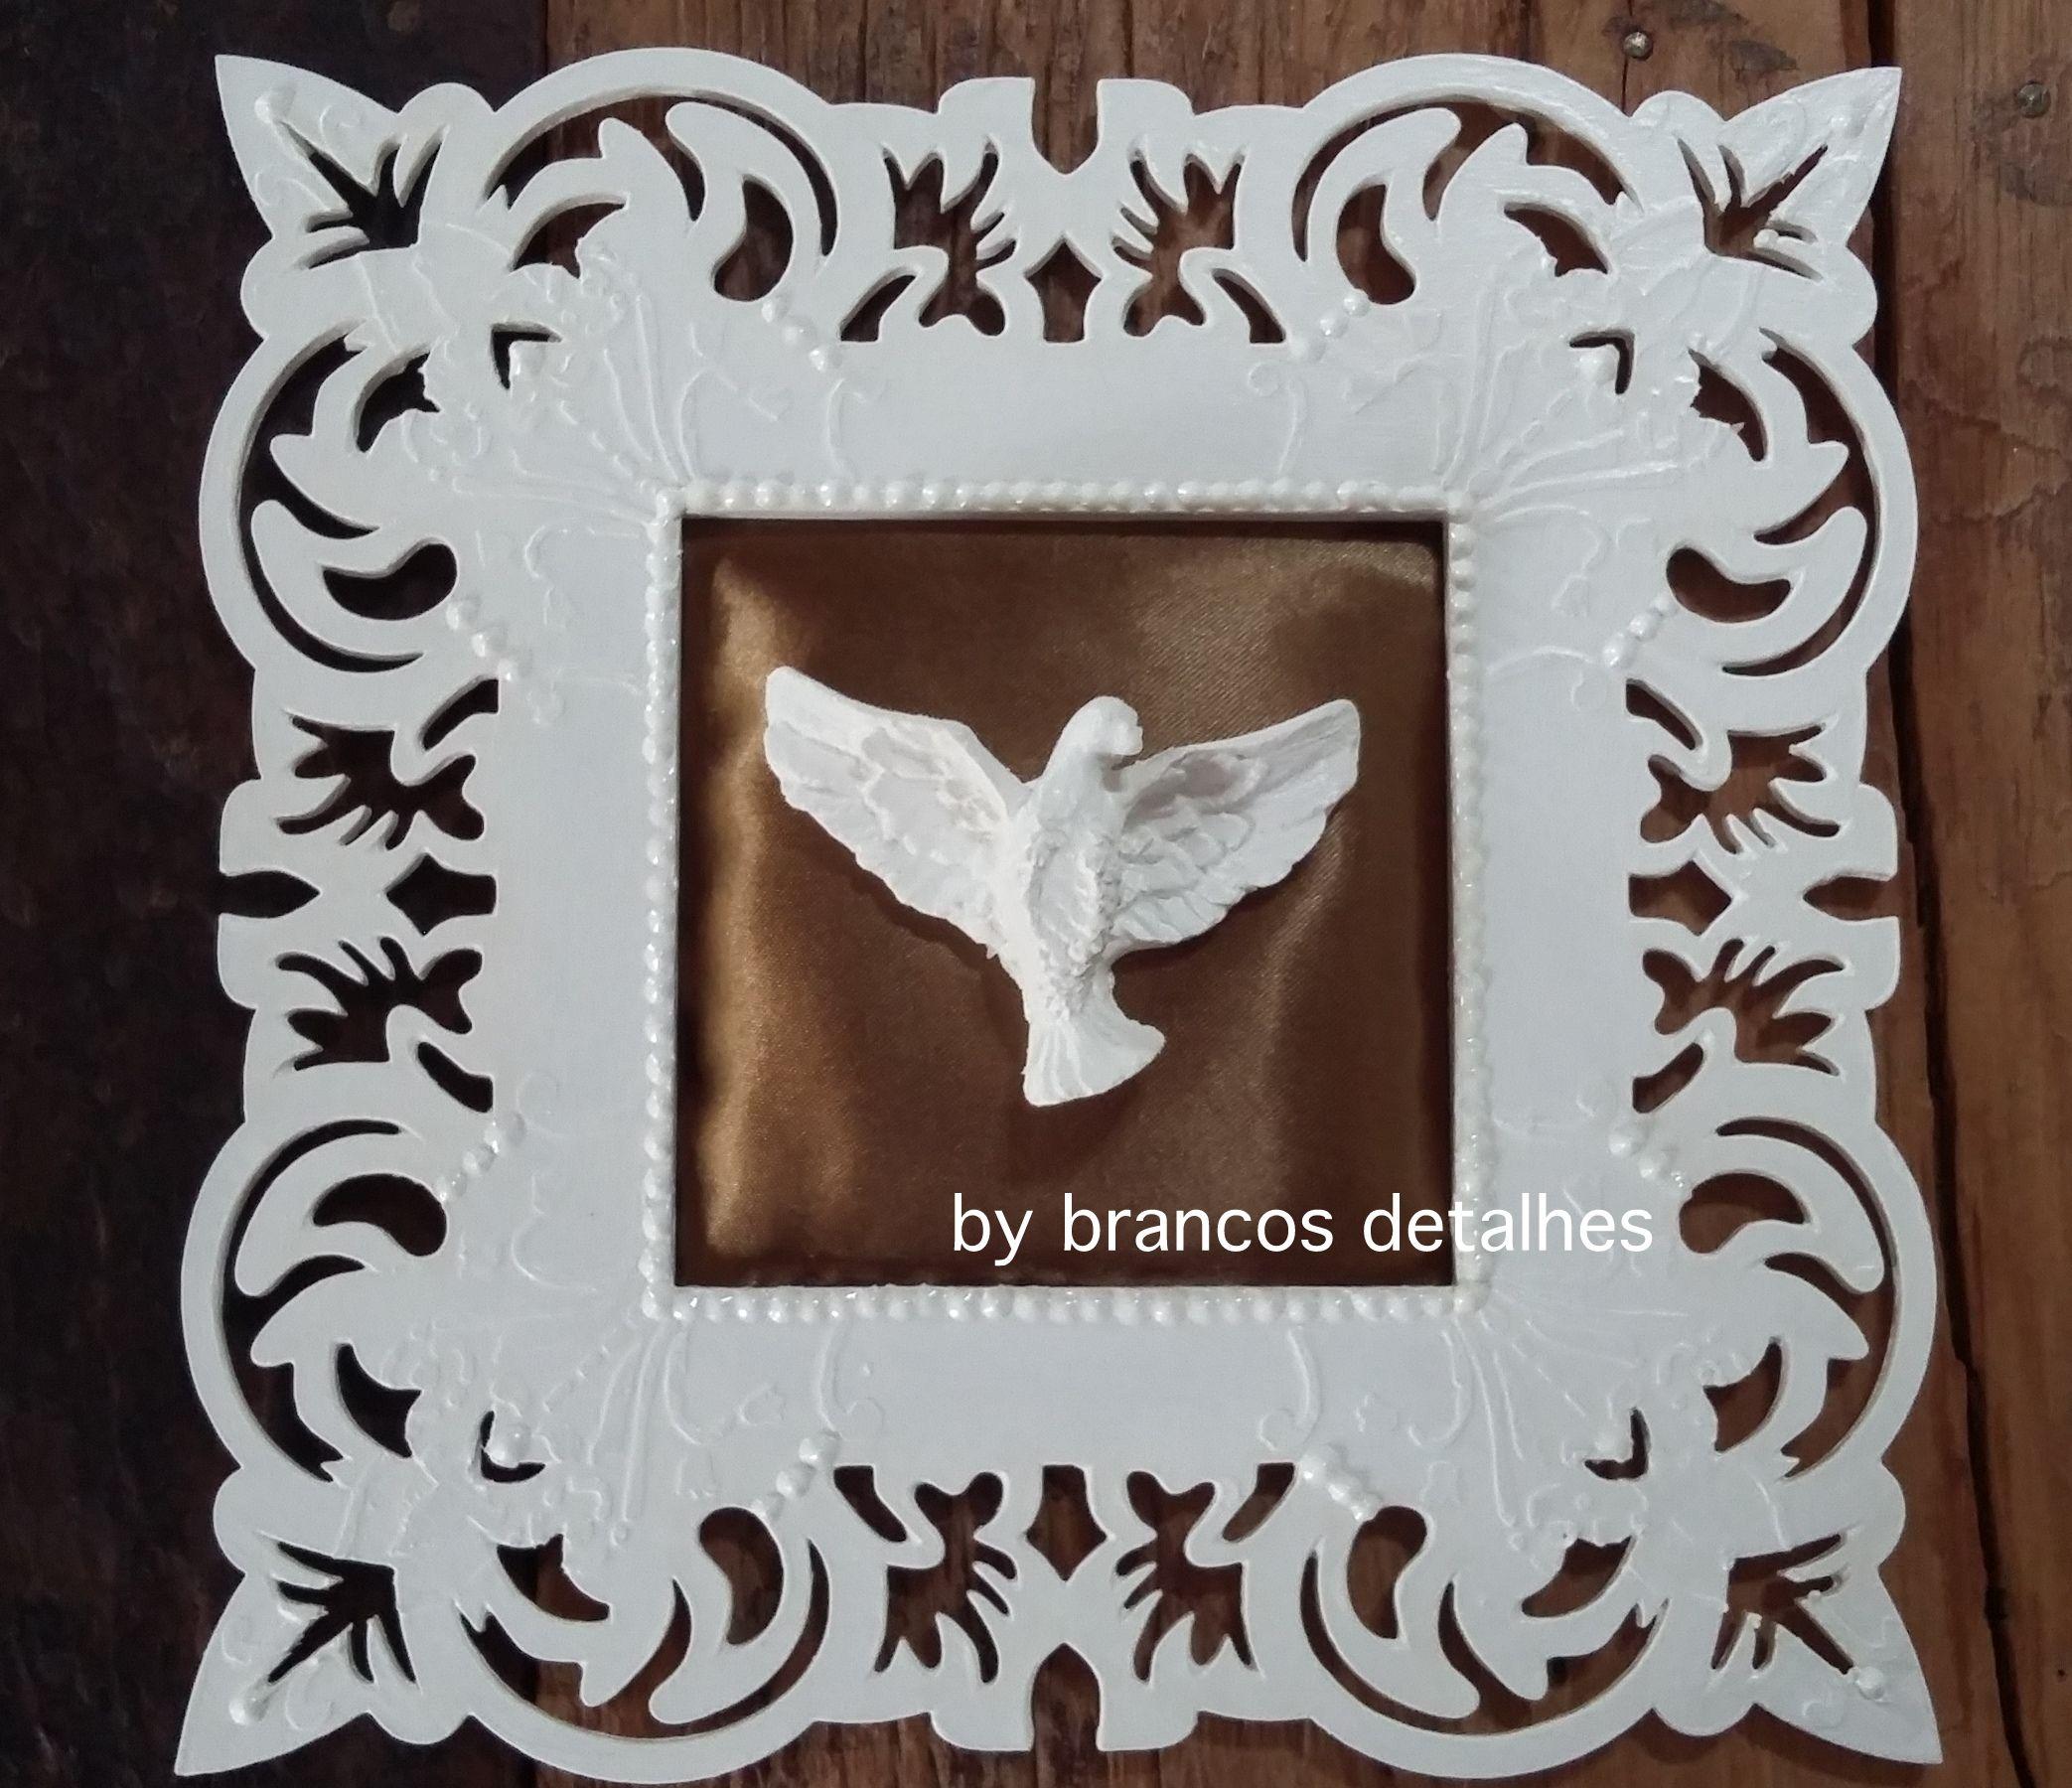 Quadro decorativo. Detalhes: moldura vazada branca, textura em relevo, centro em tecido e divino espírito santo branco.